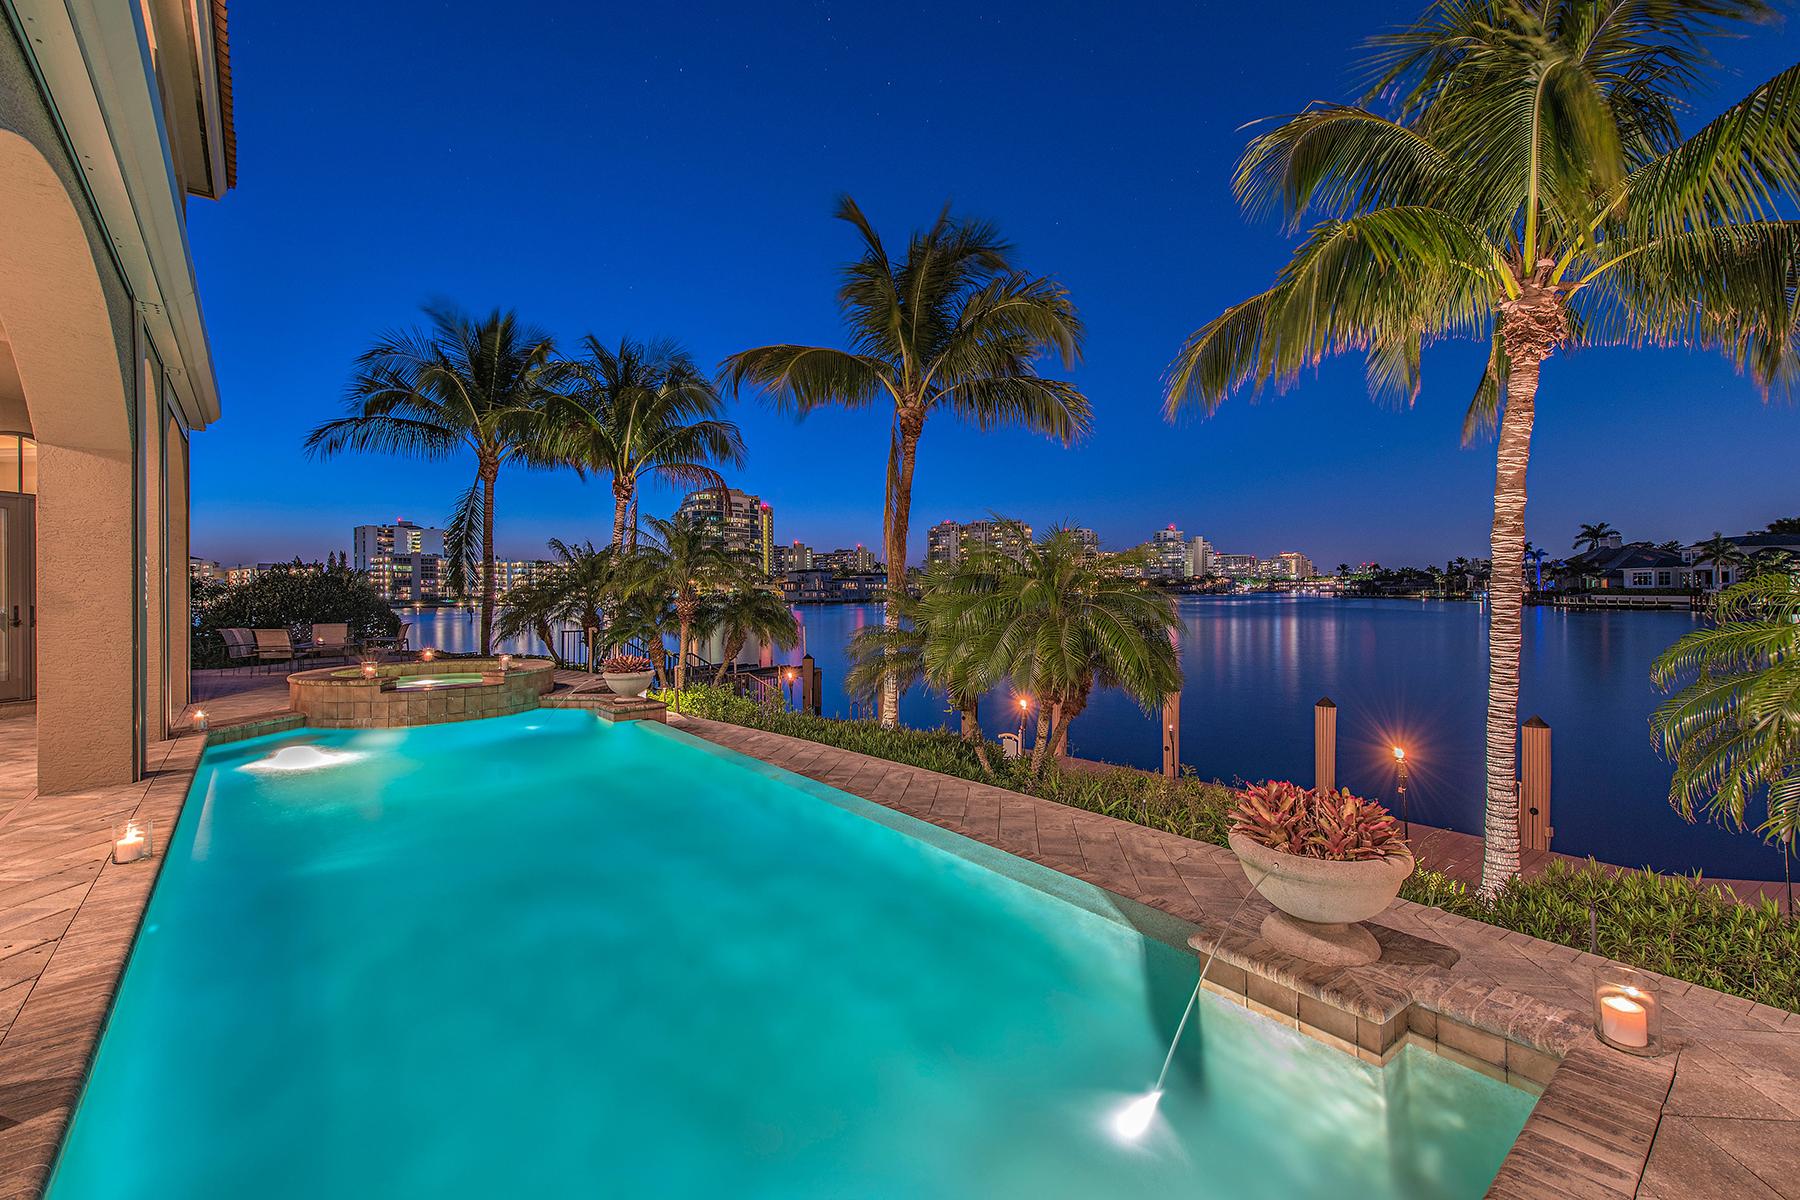 独户住宅 为 销售 在 MOORINGS 205 Bahia Pt 那不勒斯, 佛罗里达州, 34103 美国